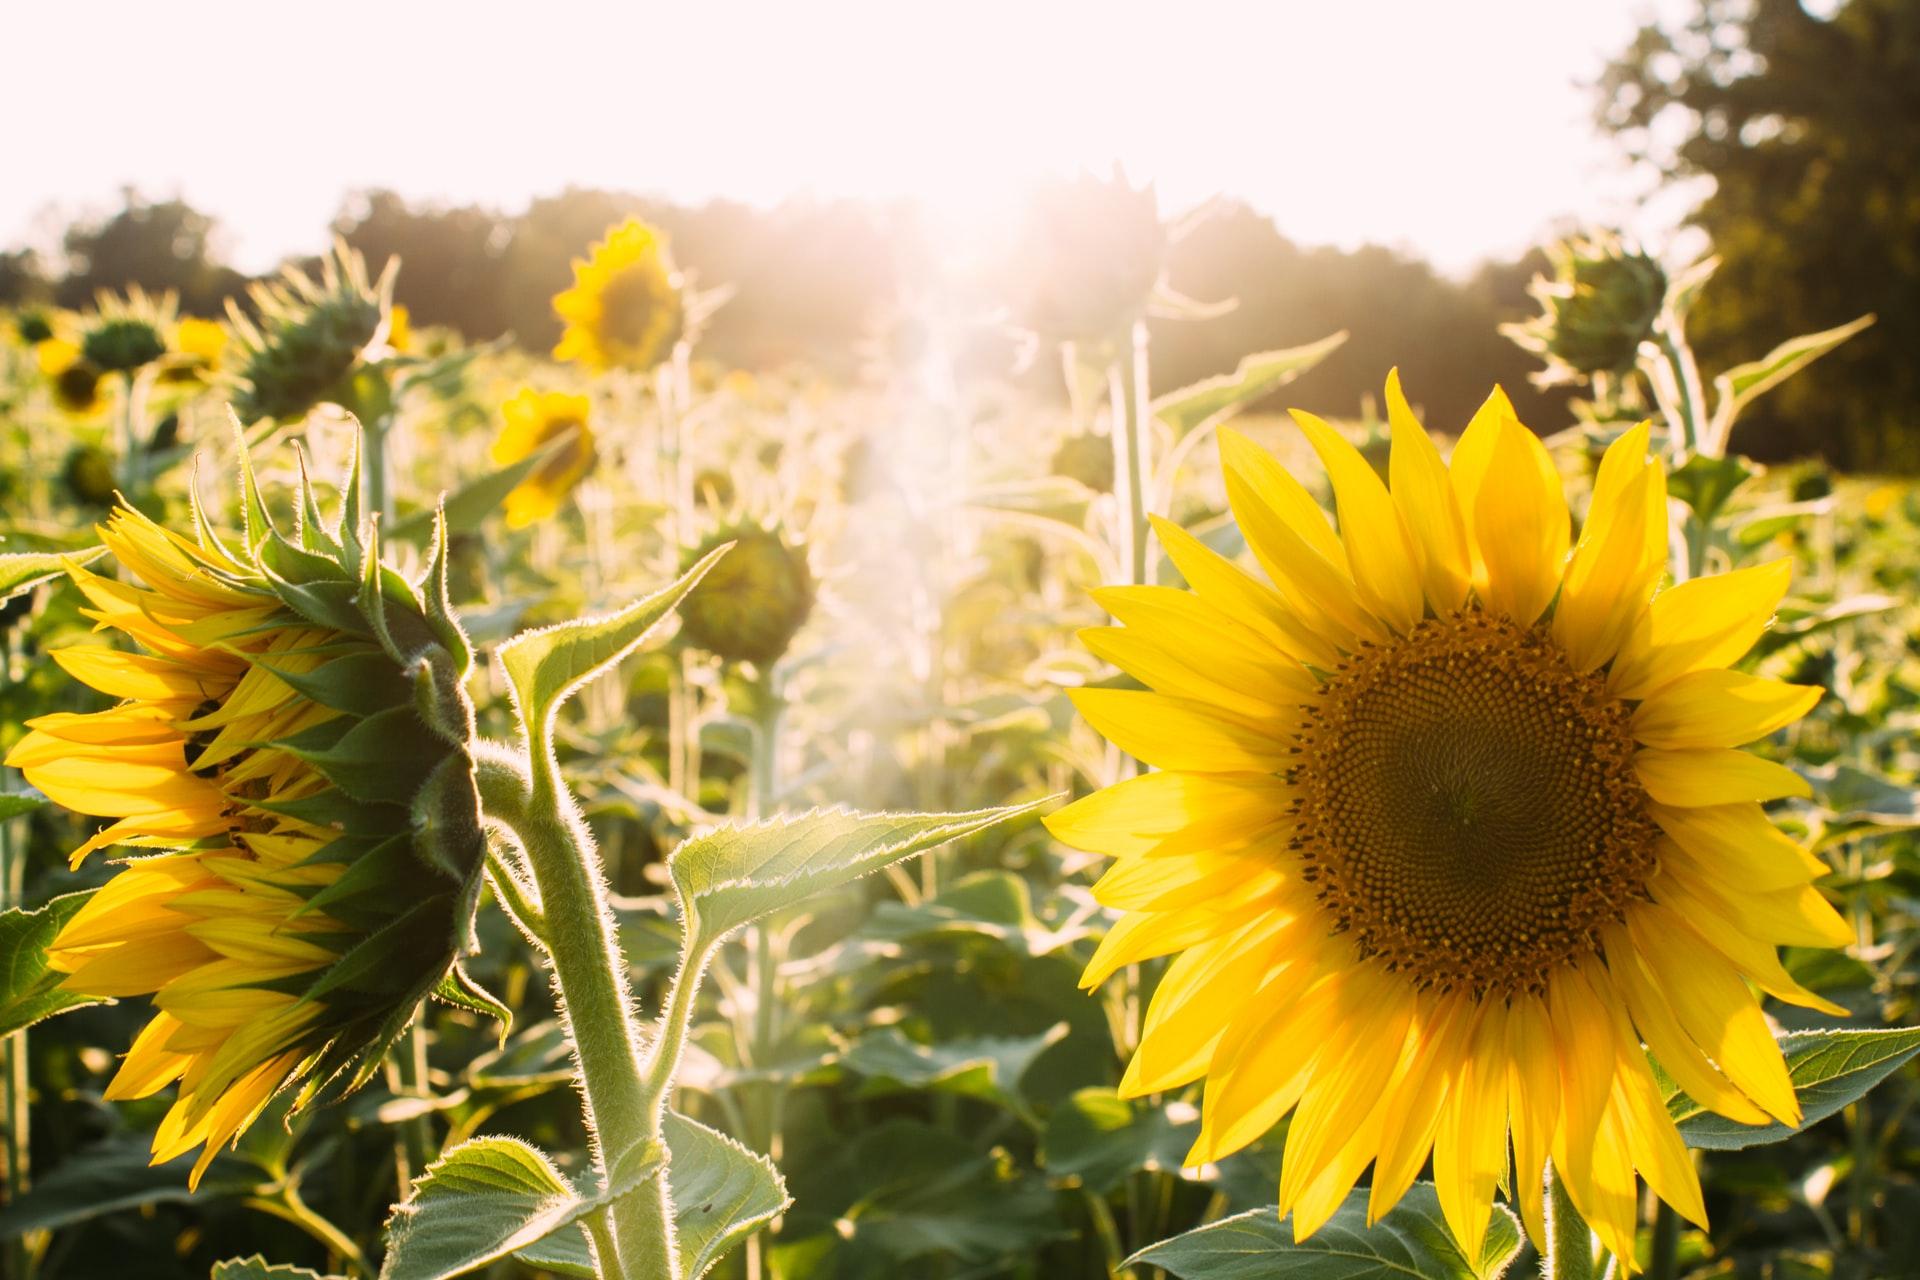 elijah-hail-happy flowers-unsplash